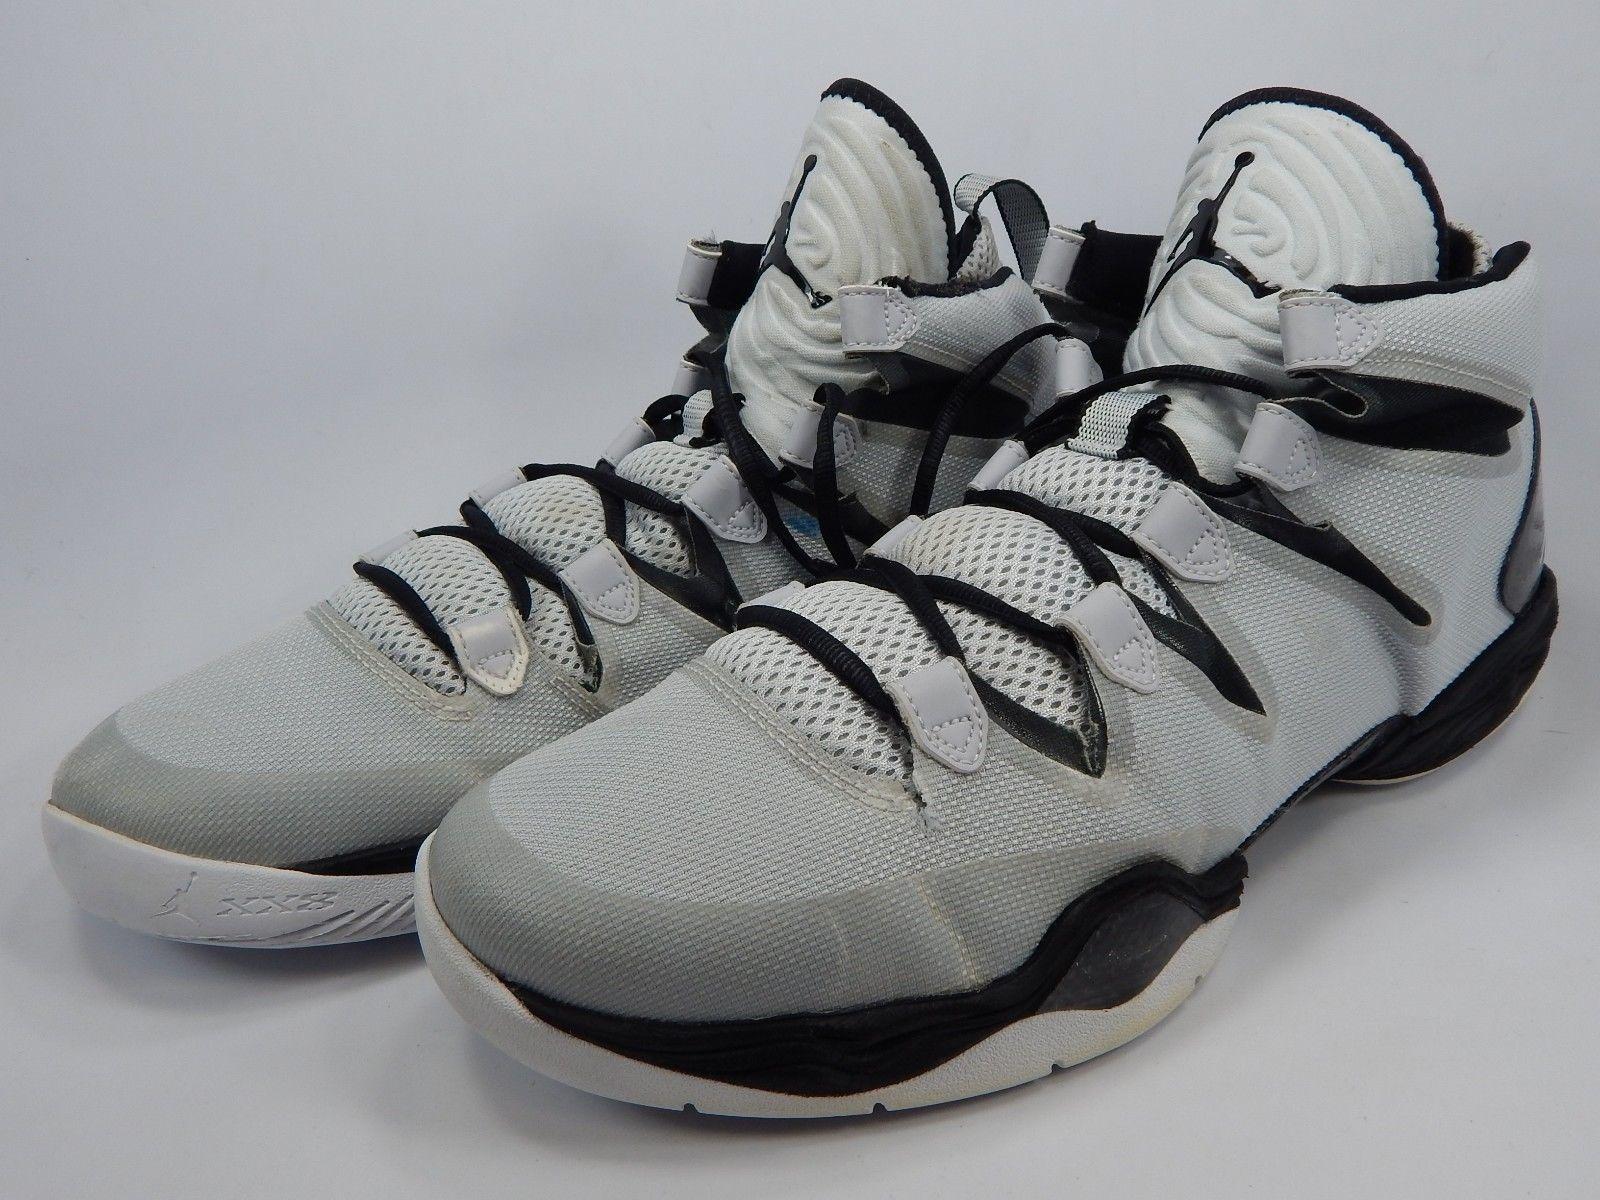 Nike Air Jordan 28 XX8 SE Size 12 M (D) EU 46 Men's Basketball Shoes 616345-011